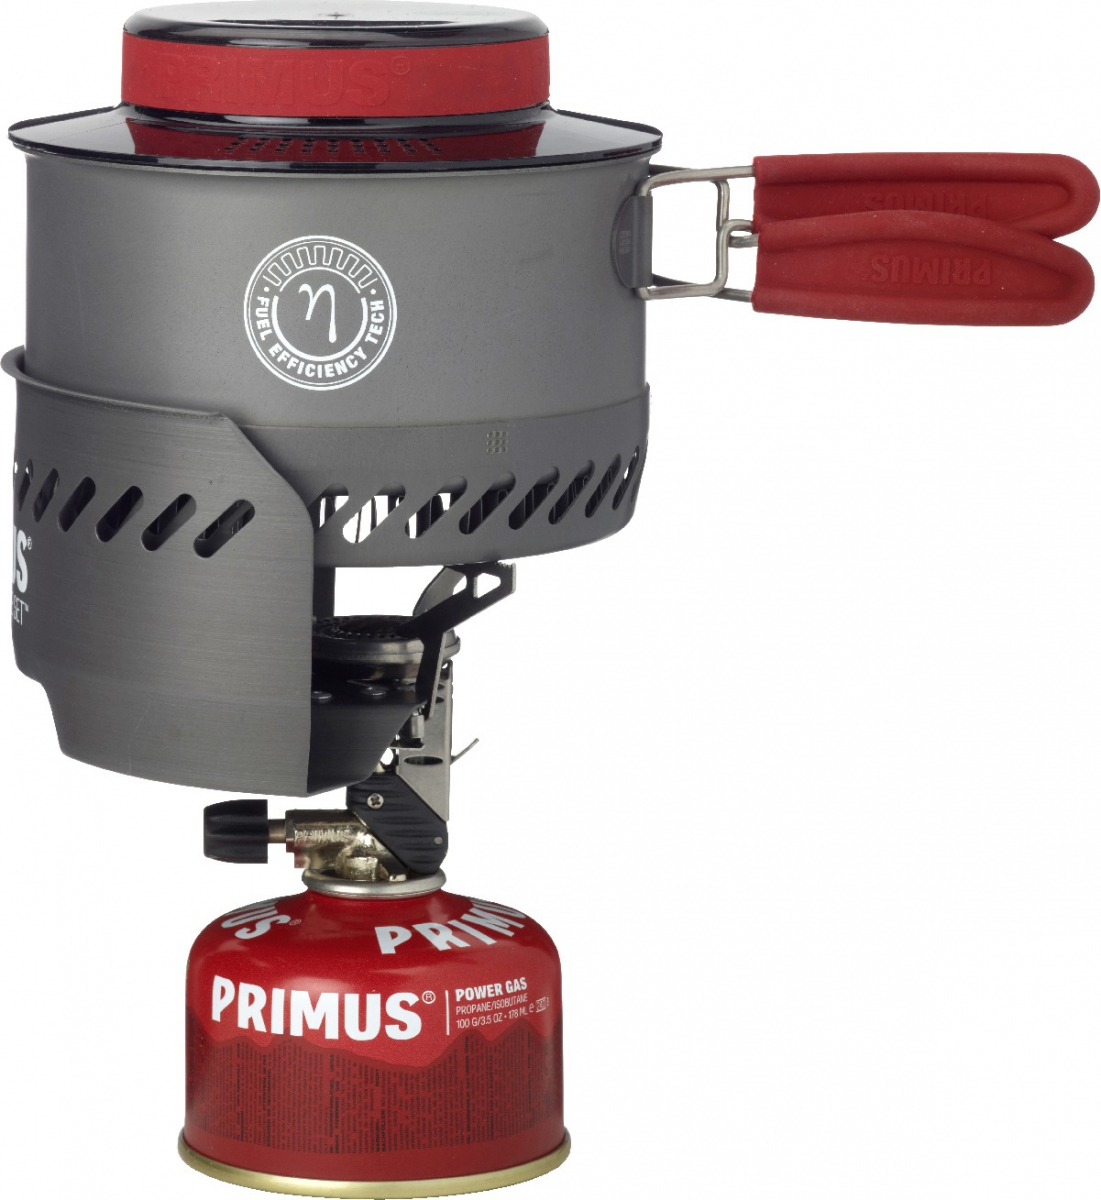 Горелка газовая Primus Express Stove Set, цвет: серый353094Набор Primus Express Stove Set - включает в себя газовую горелку с пьезоподжигом, ветрозащиту и котелок емкостью 1 л с крышкой и теплообменником. Котелок обеспечен трехслойным антипригарным покрытием, что значительно улучшает эксплуатационные характеристики посуды.Весь комплект, а также газовый баллон весом 100 грамм, можно упаковать непосредственно внутри котелка, что делает эту модель очень компактной.Особенности: Время закипания 1 литра воды: 2,4 мин.Вес: 449 гр.Пьезоподжиг: есть Оптимально для: 1-2 чел.